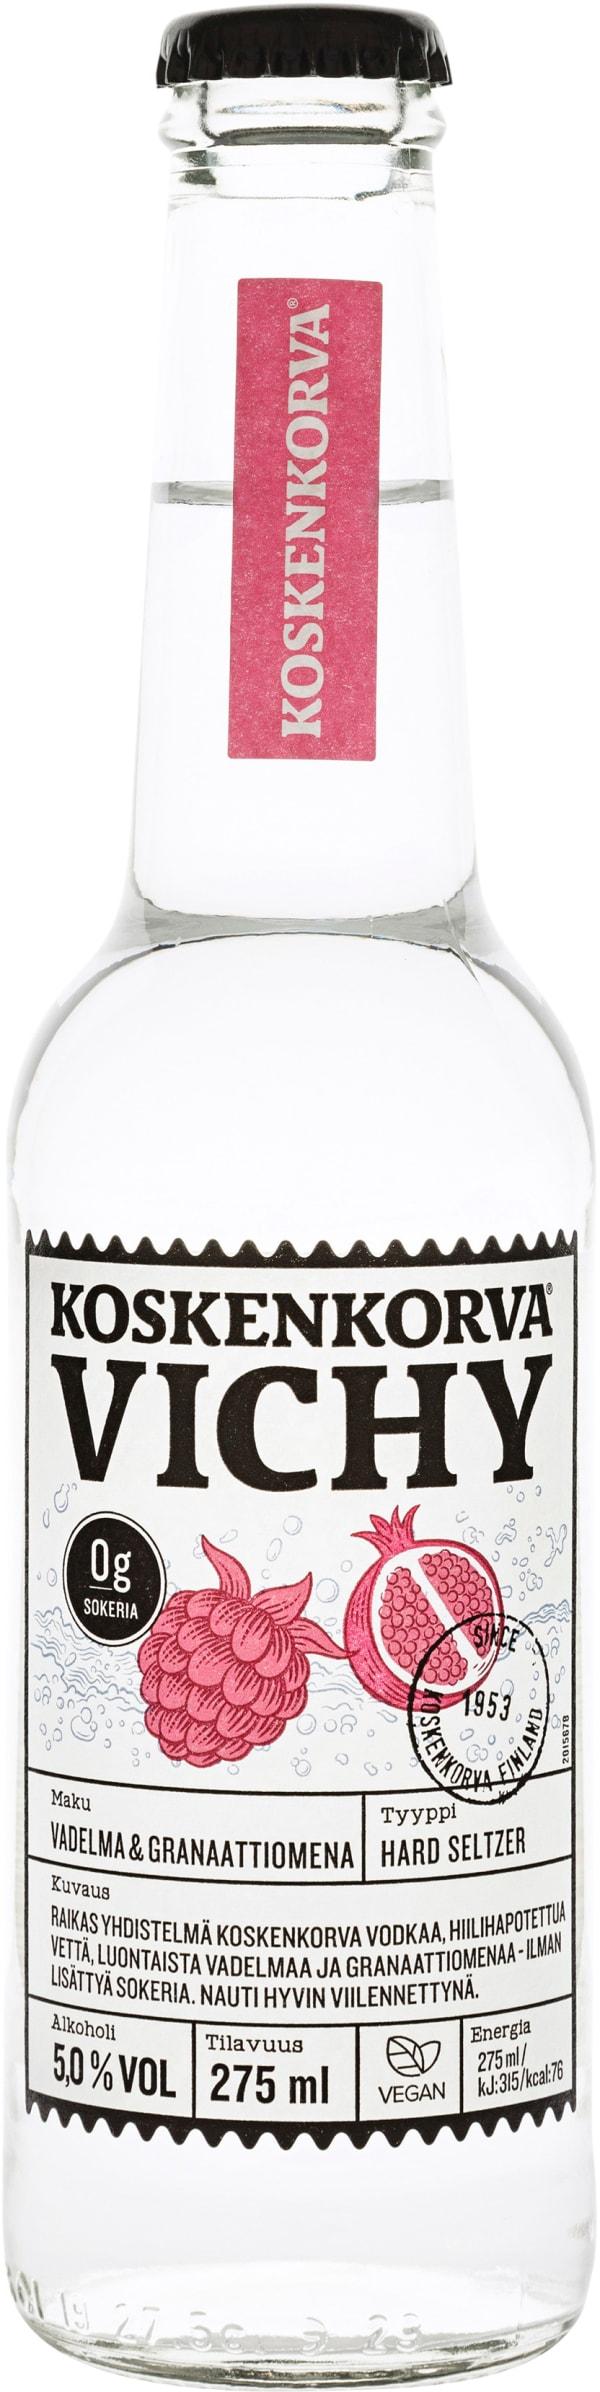 Koskenkorva Vichy Vadelma Granaattiomena